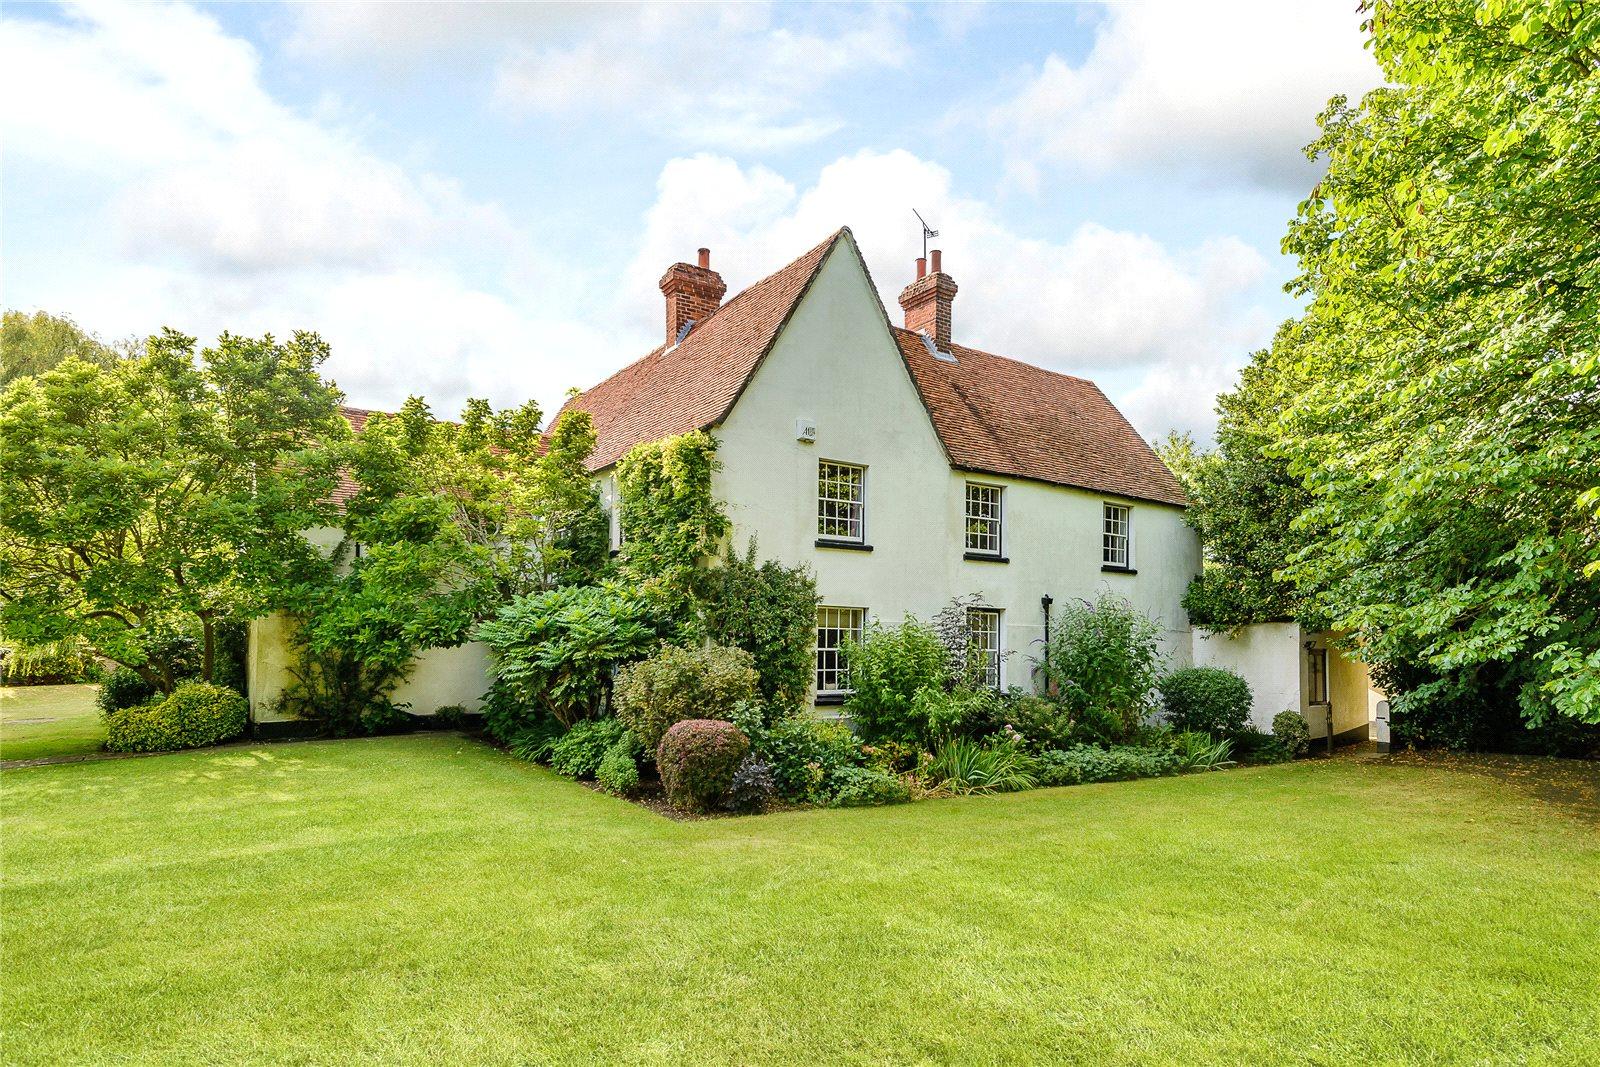 Μονοκατοικία για την Πώληση στο Long Lane, Shaw, Newbury, Berkshire, RG14 Newbury, Αγγλια